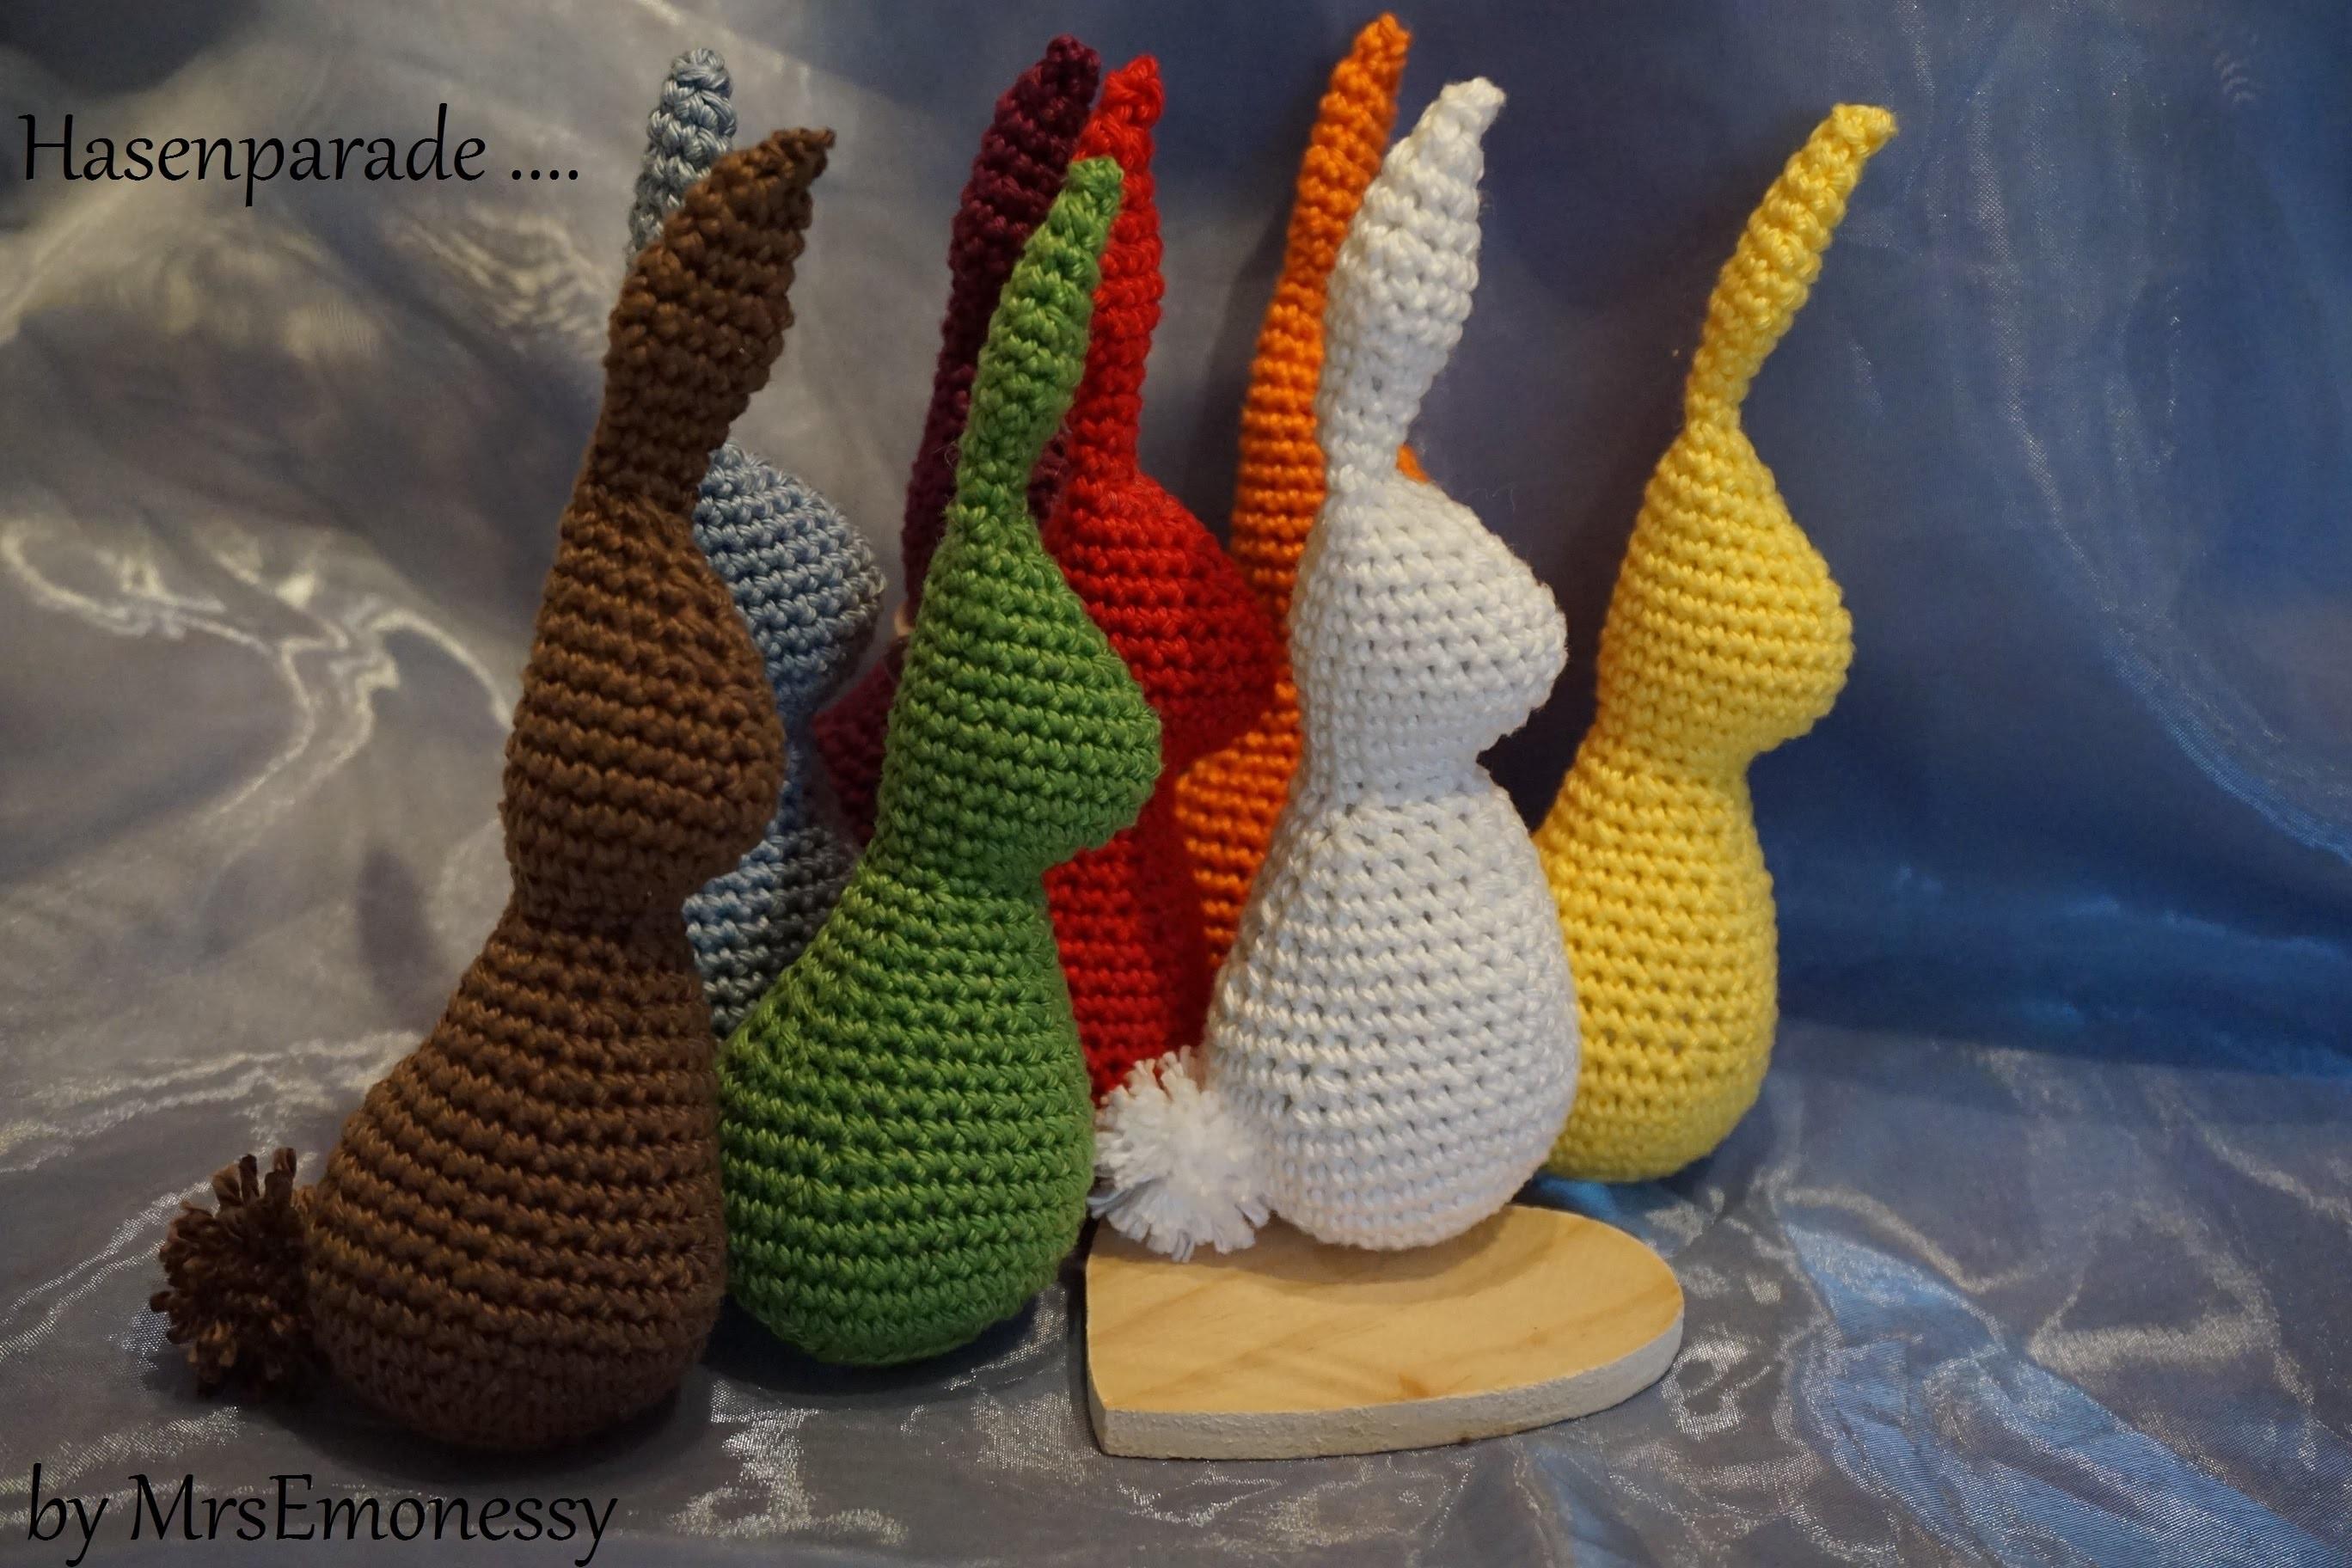 DIY Hase Häkeln für Ostern free pattern english version